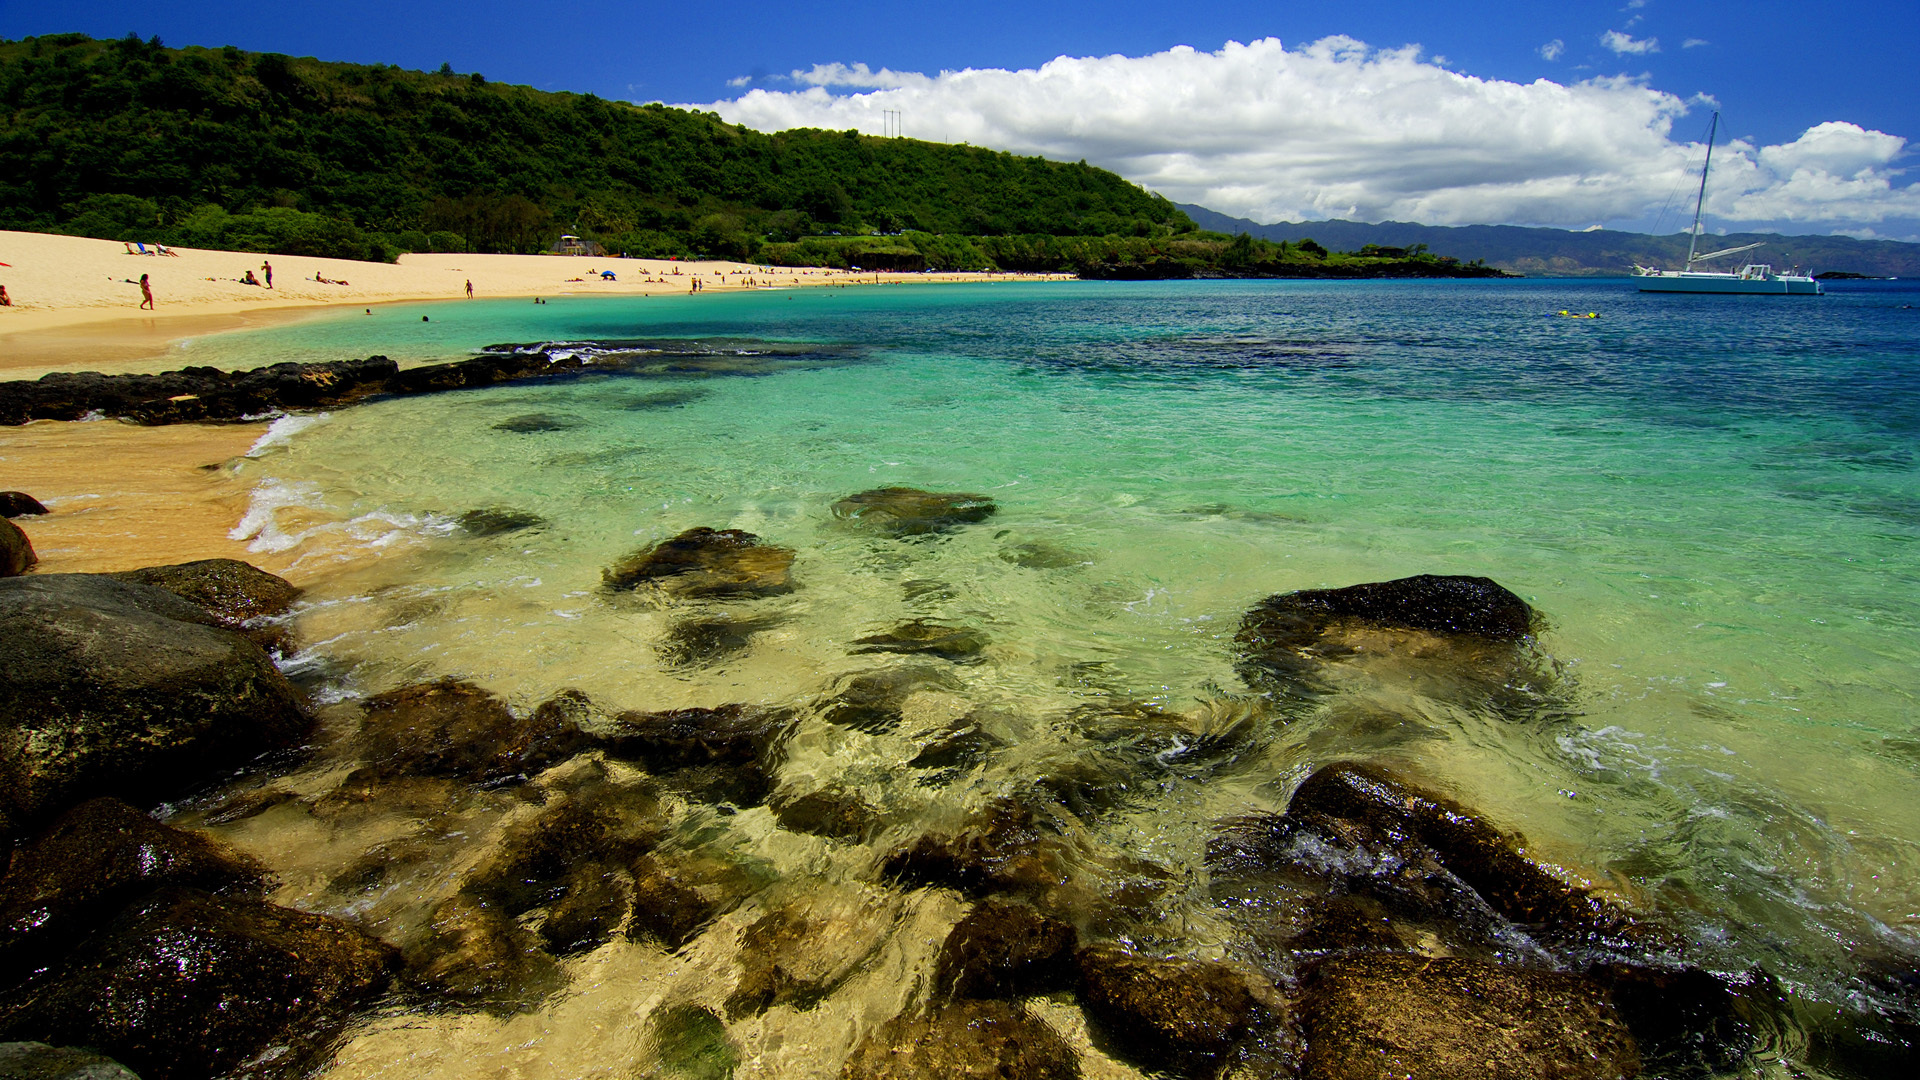 29307 скачать обои Пейзаж, Море, Пляж - заставки и картинки бесплатно